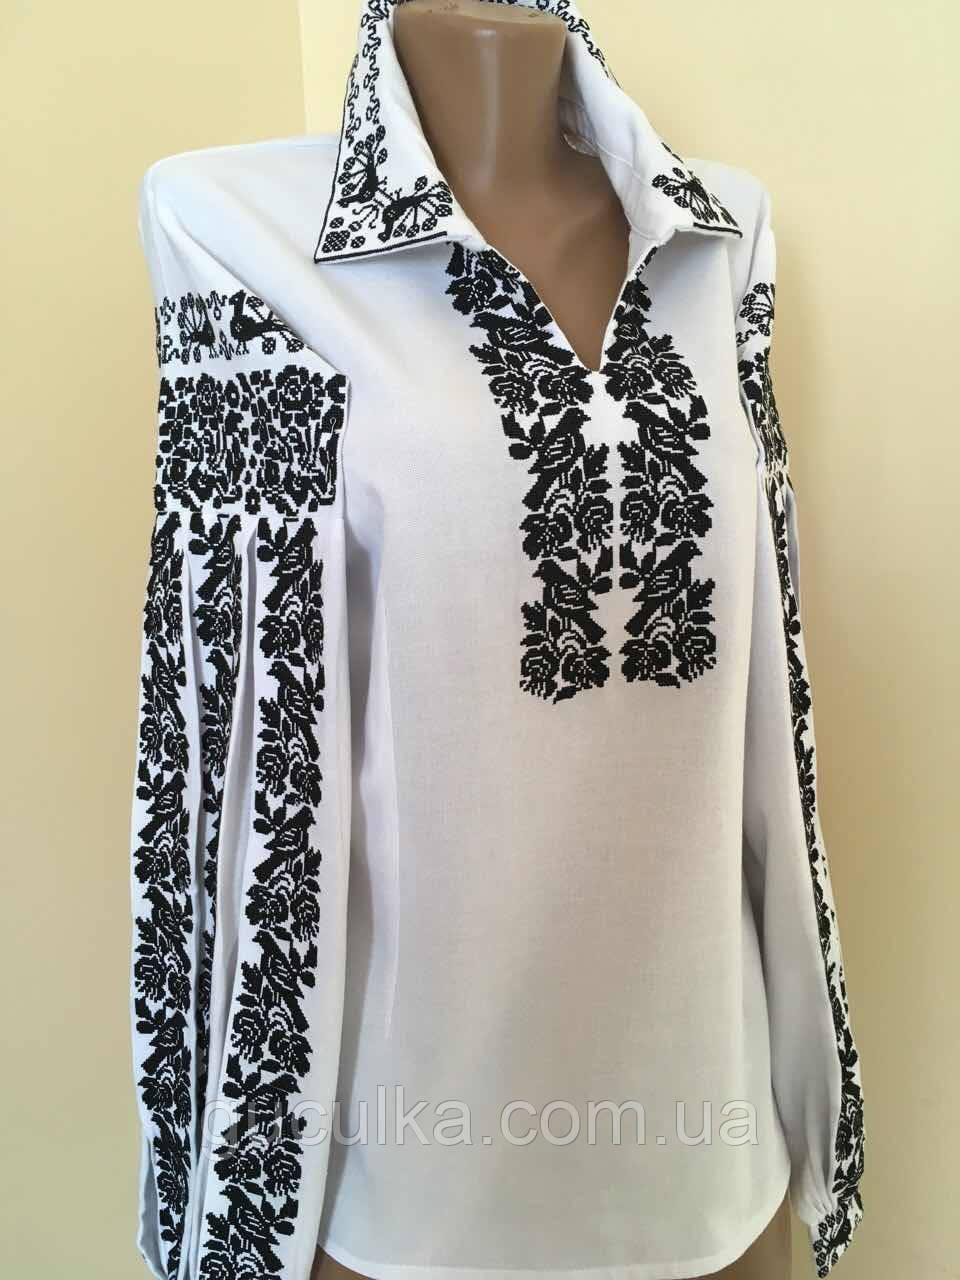 Вишита жіноча сорочка біла з чорним орнаментом розмір 8c3927a09392c